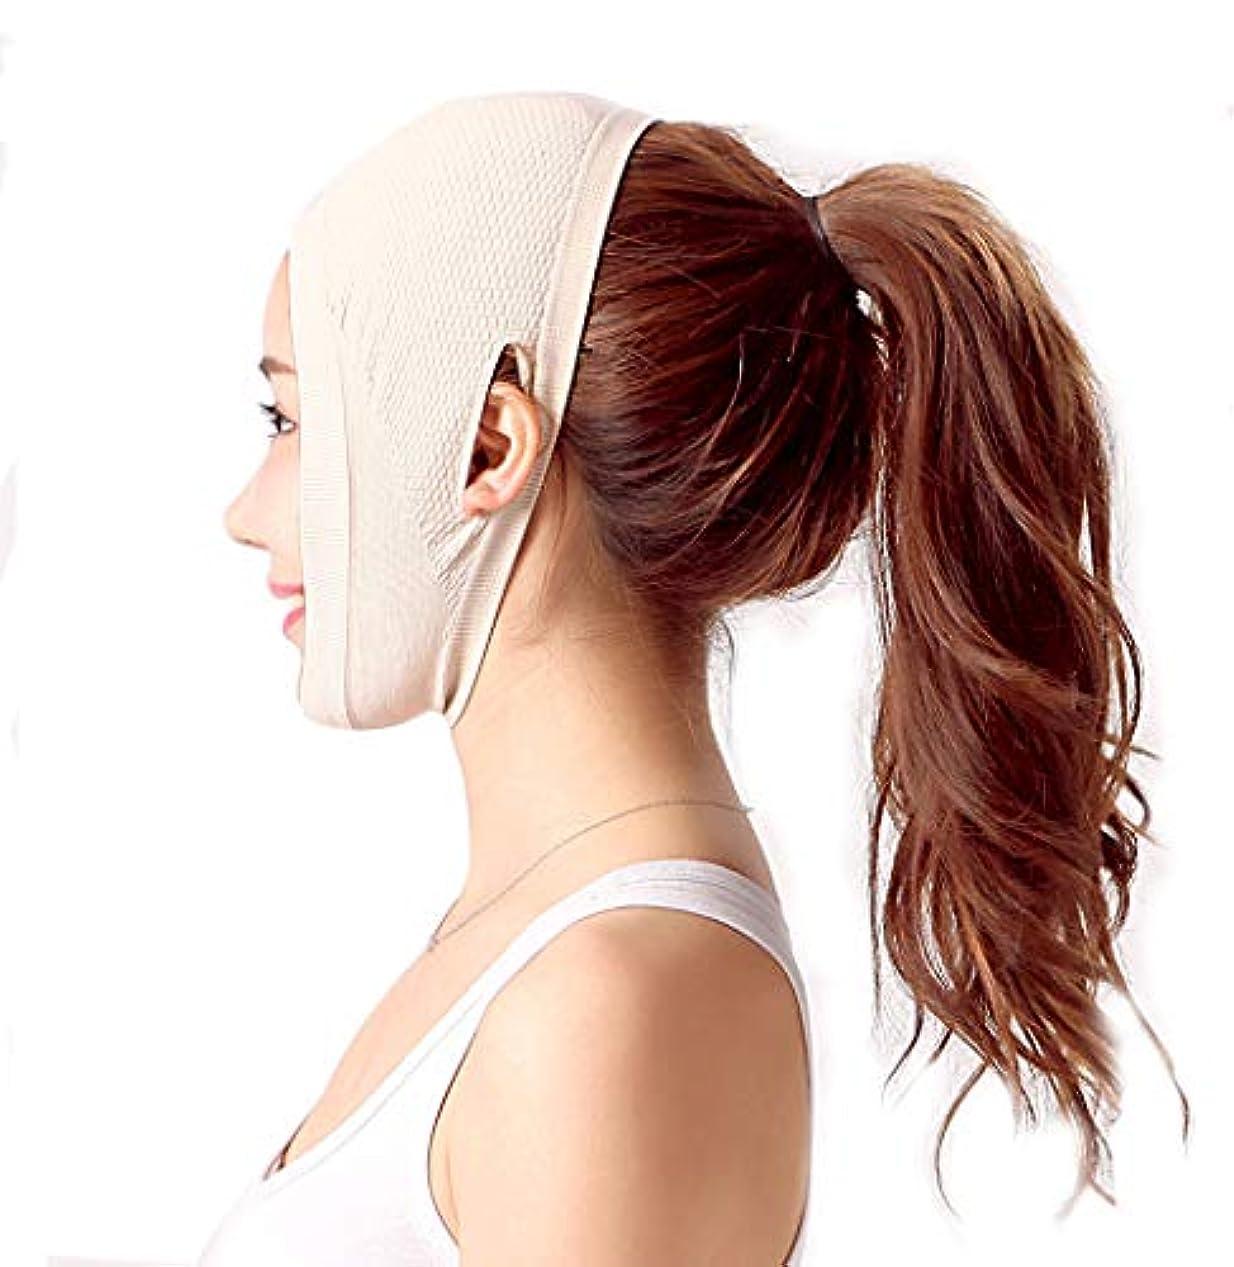 程度追加する天気V顔リフティング包帯薄いフェイスマスクを眠っている整形手術病院ライン彫刻術後回復ヘッドギア医療マスク (Color : Skin tone(A))